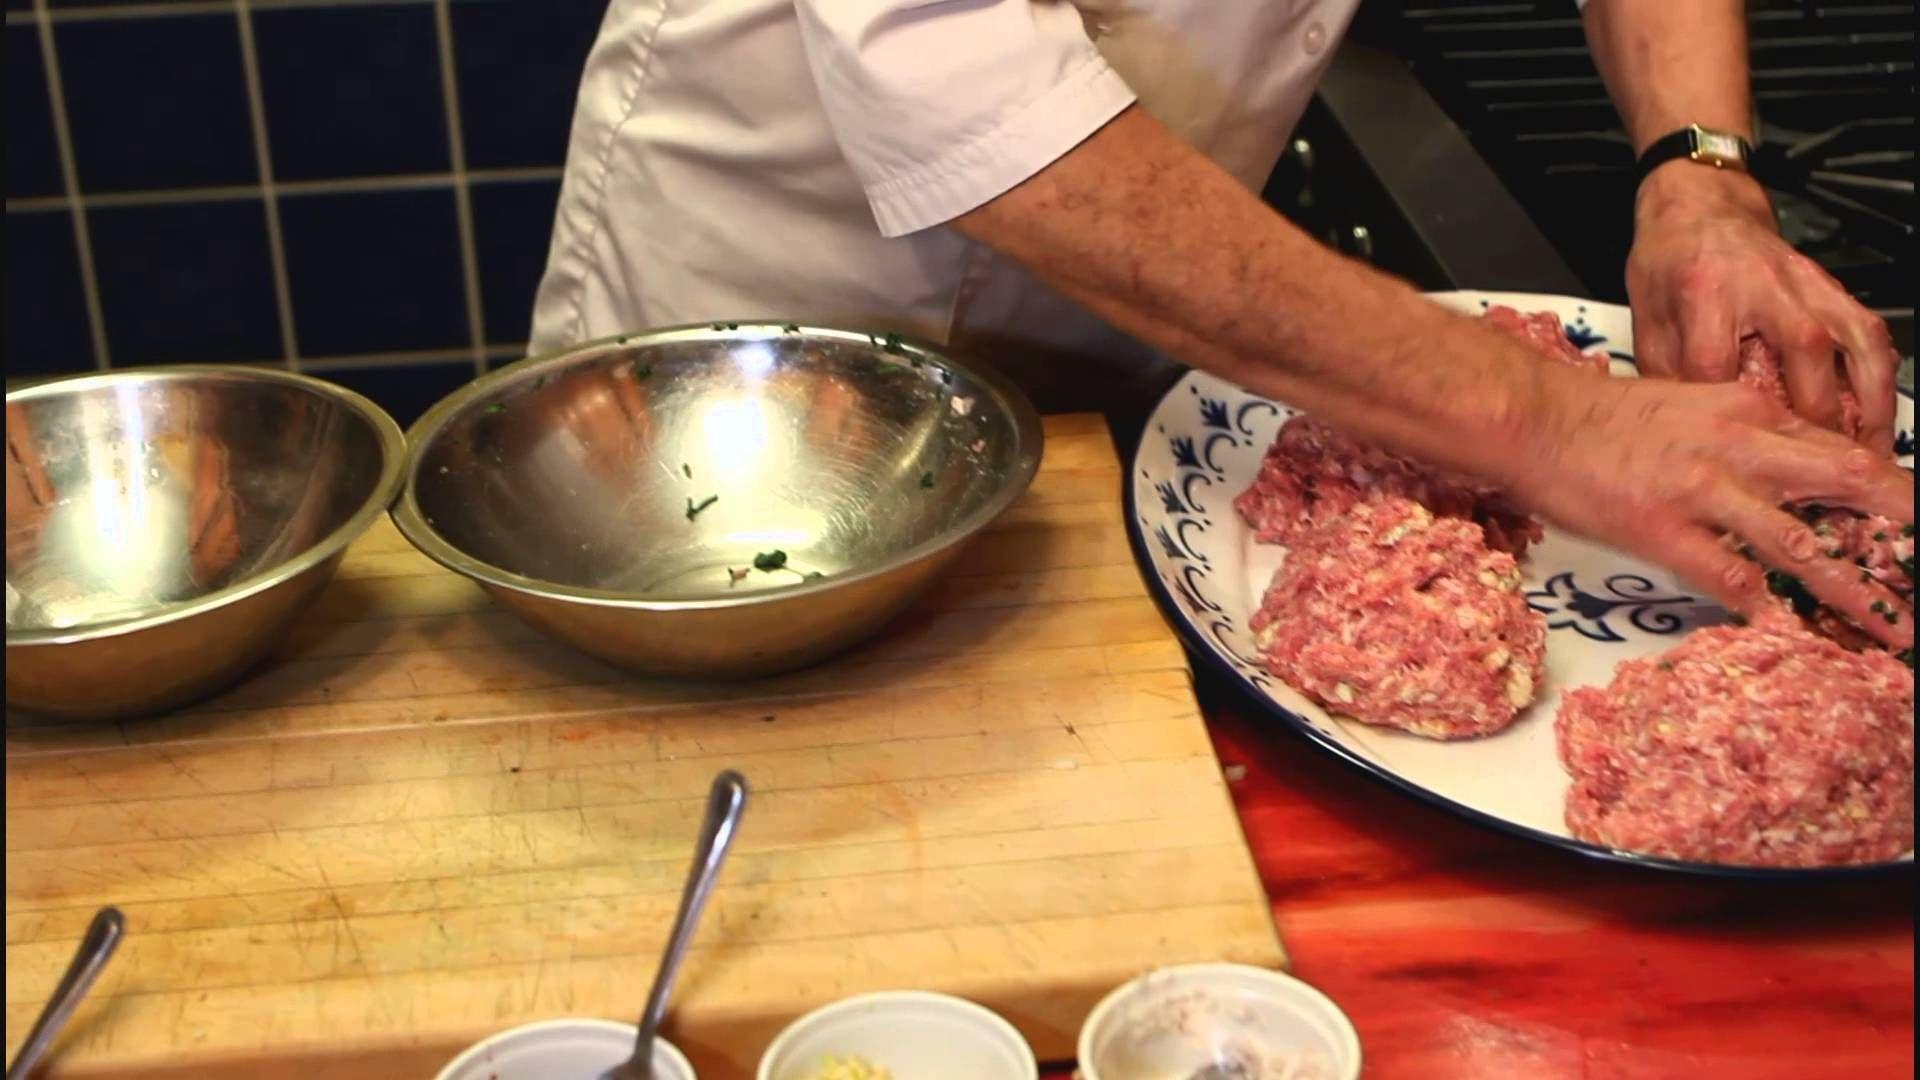 Comment faire des saucisses maison recette de saucisses maison - Comment cuisiner une andouillette ...